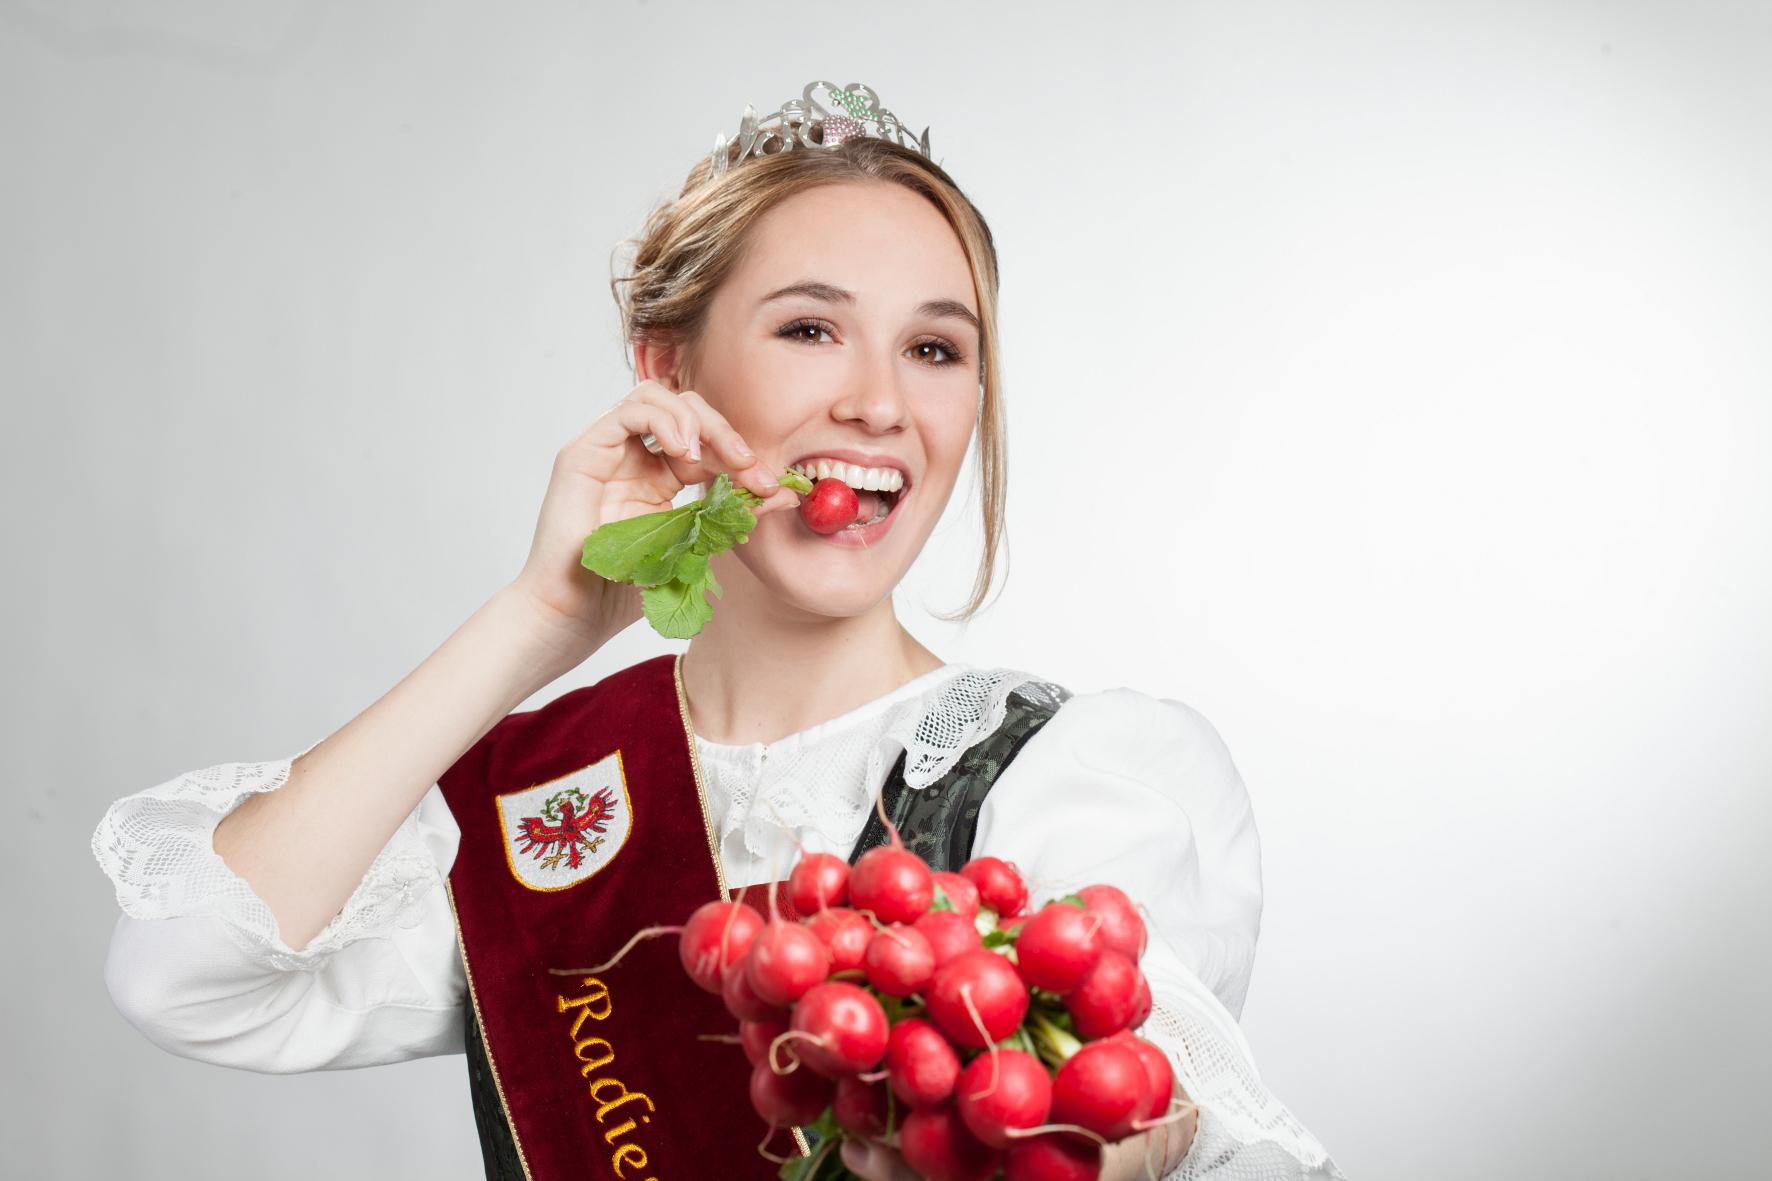 Radieschen_Prinzessin-kompr